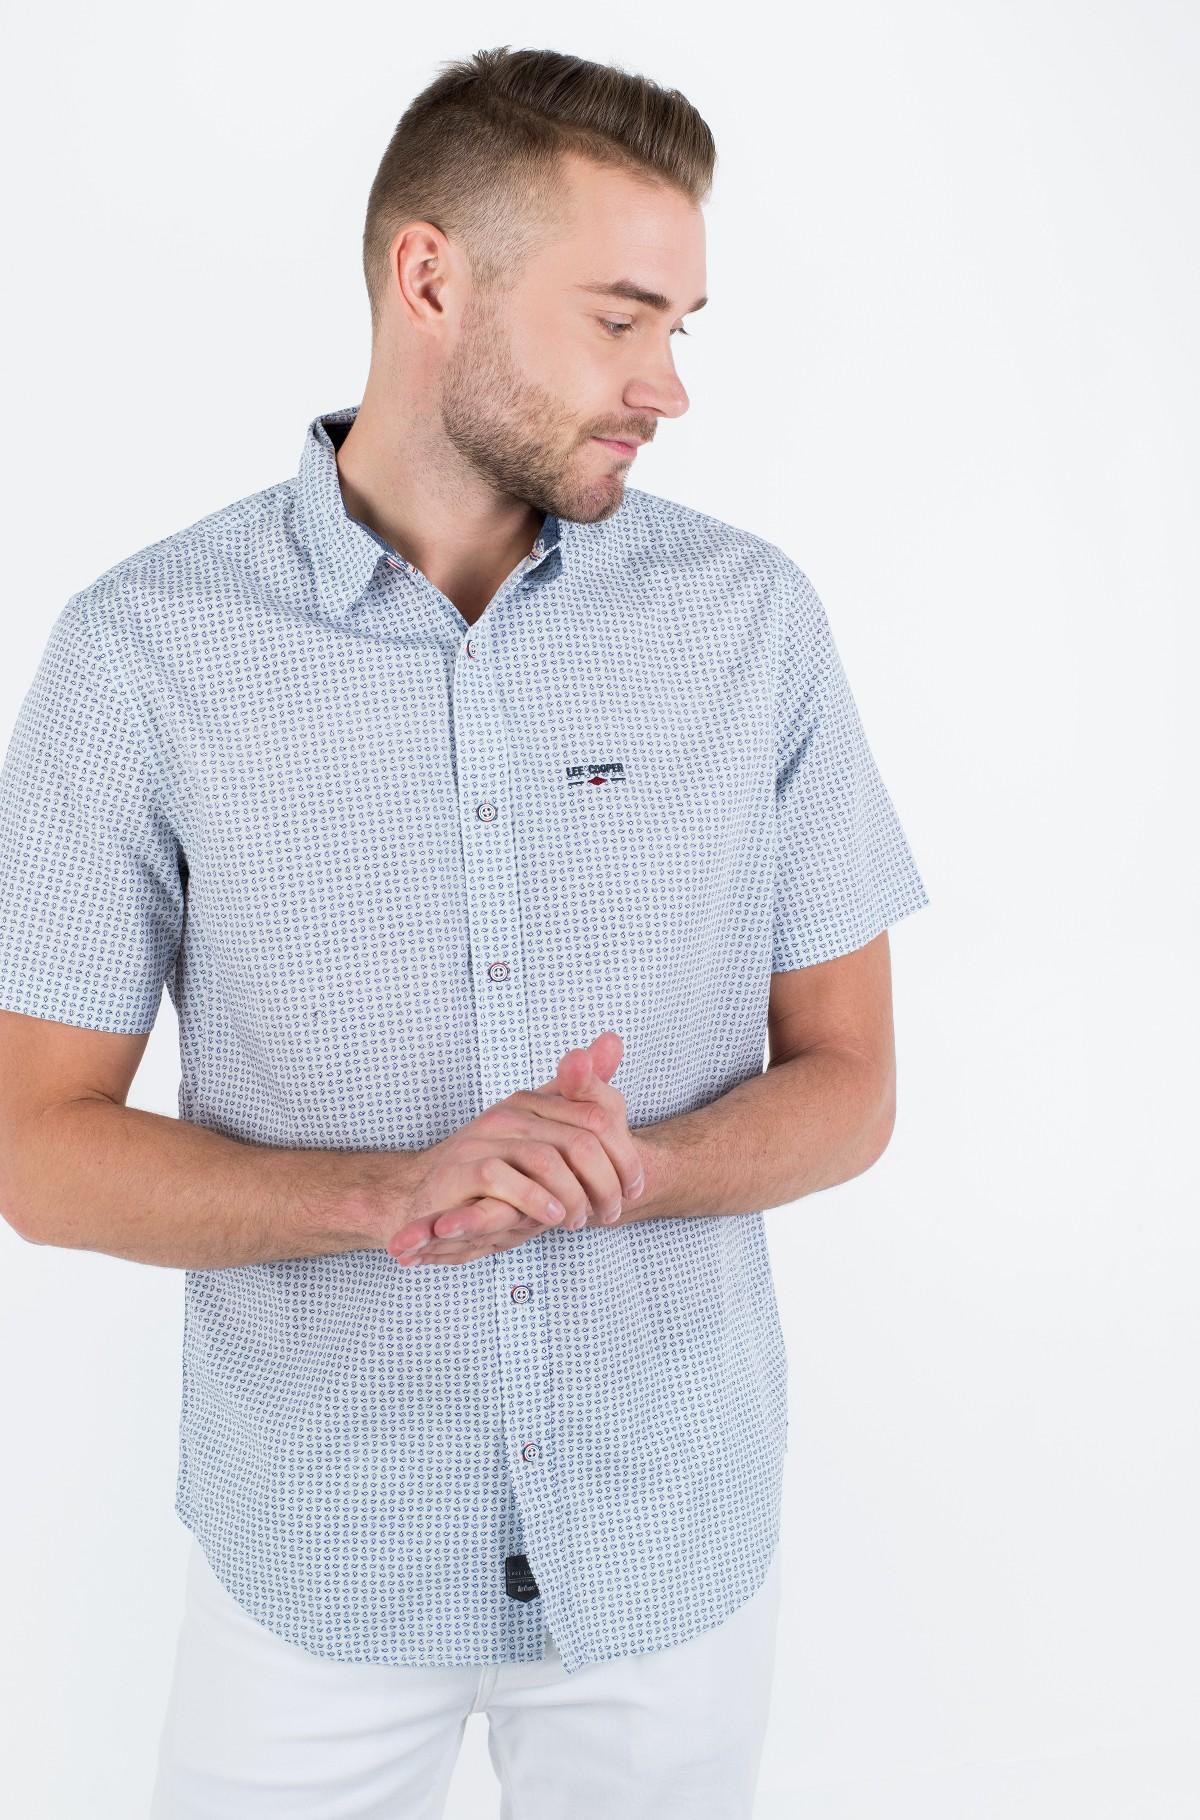 Marškiniai su trumpomis rankovėmis RUBENS2 1046-full-1